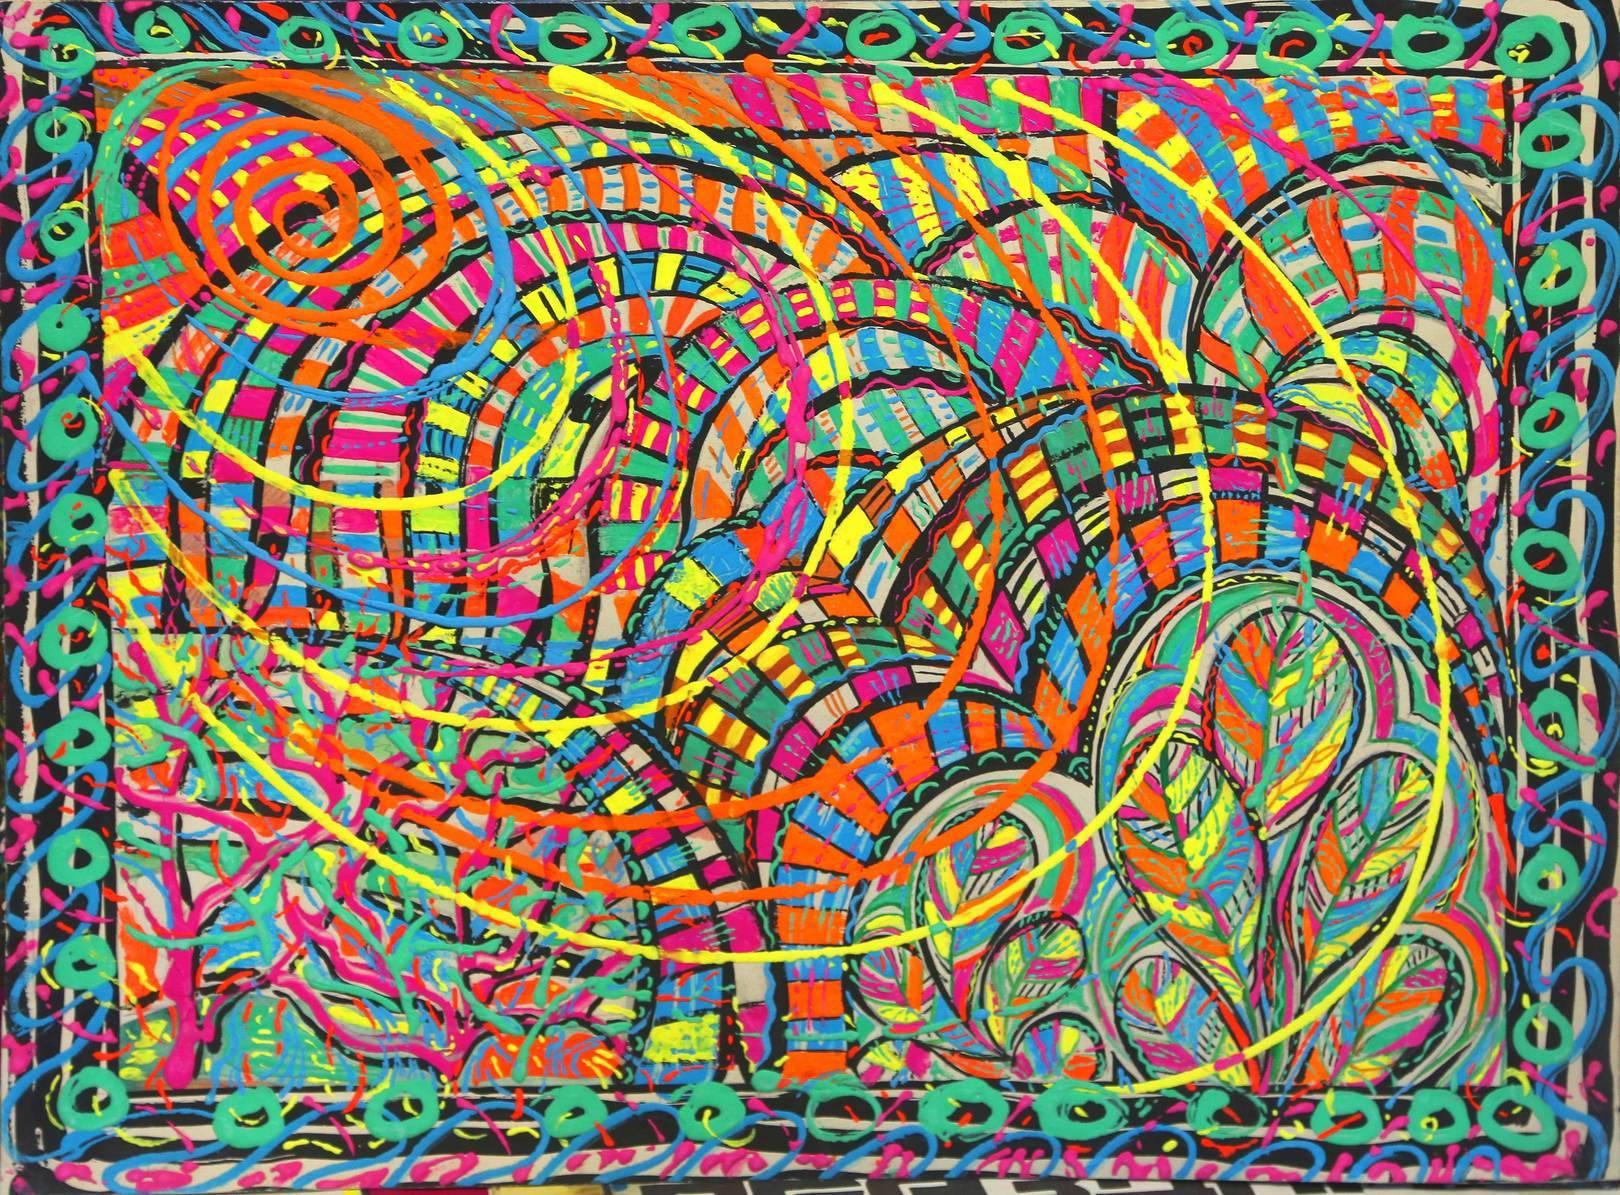 Ты падаешь вверх,          Разбиваясь о небо? Ты даришь улыбки         Луне и Планетам,  И кружишься в танце             Со звездами ночью?))) Наполнен своим                 Ароматом и светом,  Ты неиссякаем,         Как мира источник.)) Кречетова Карина